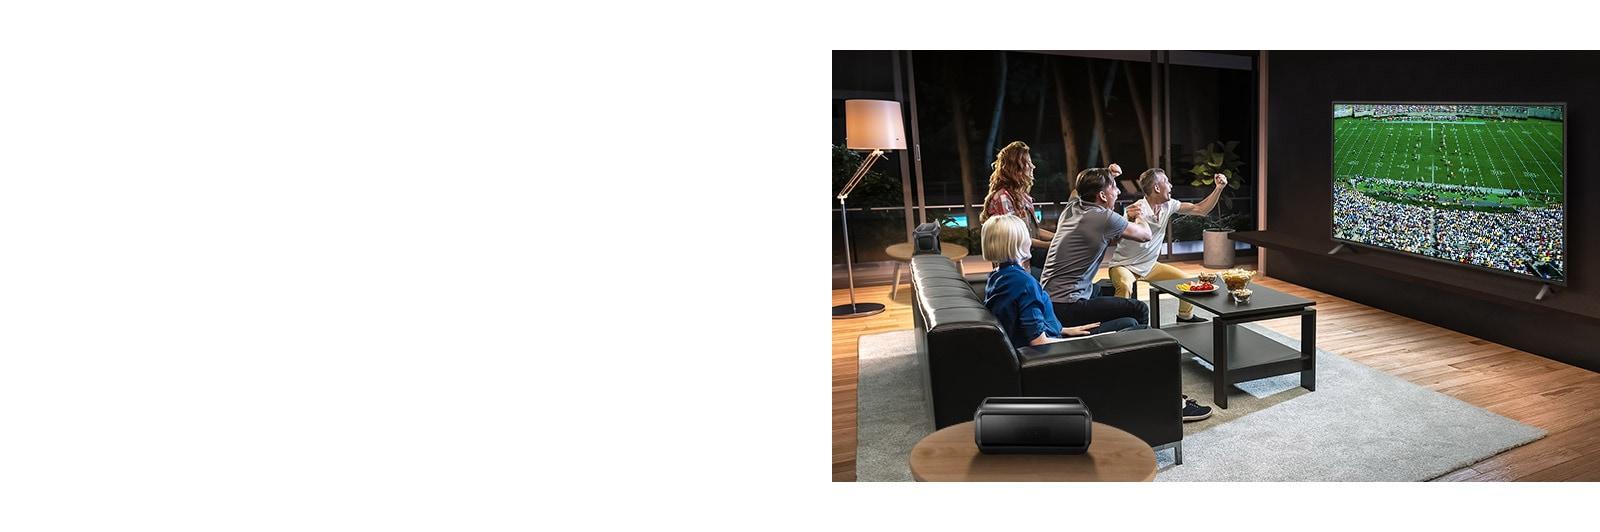 Personas que ven juegos deportivos en la TV en la sala de estar con altavoces traseros Bluetooth.